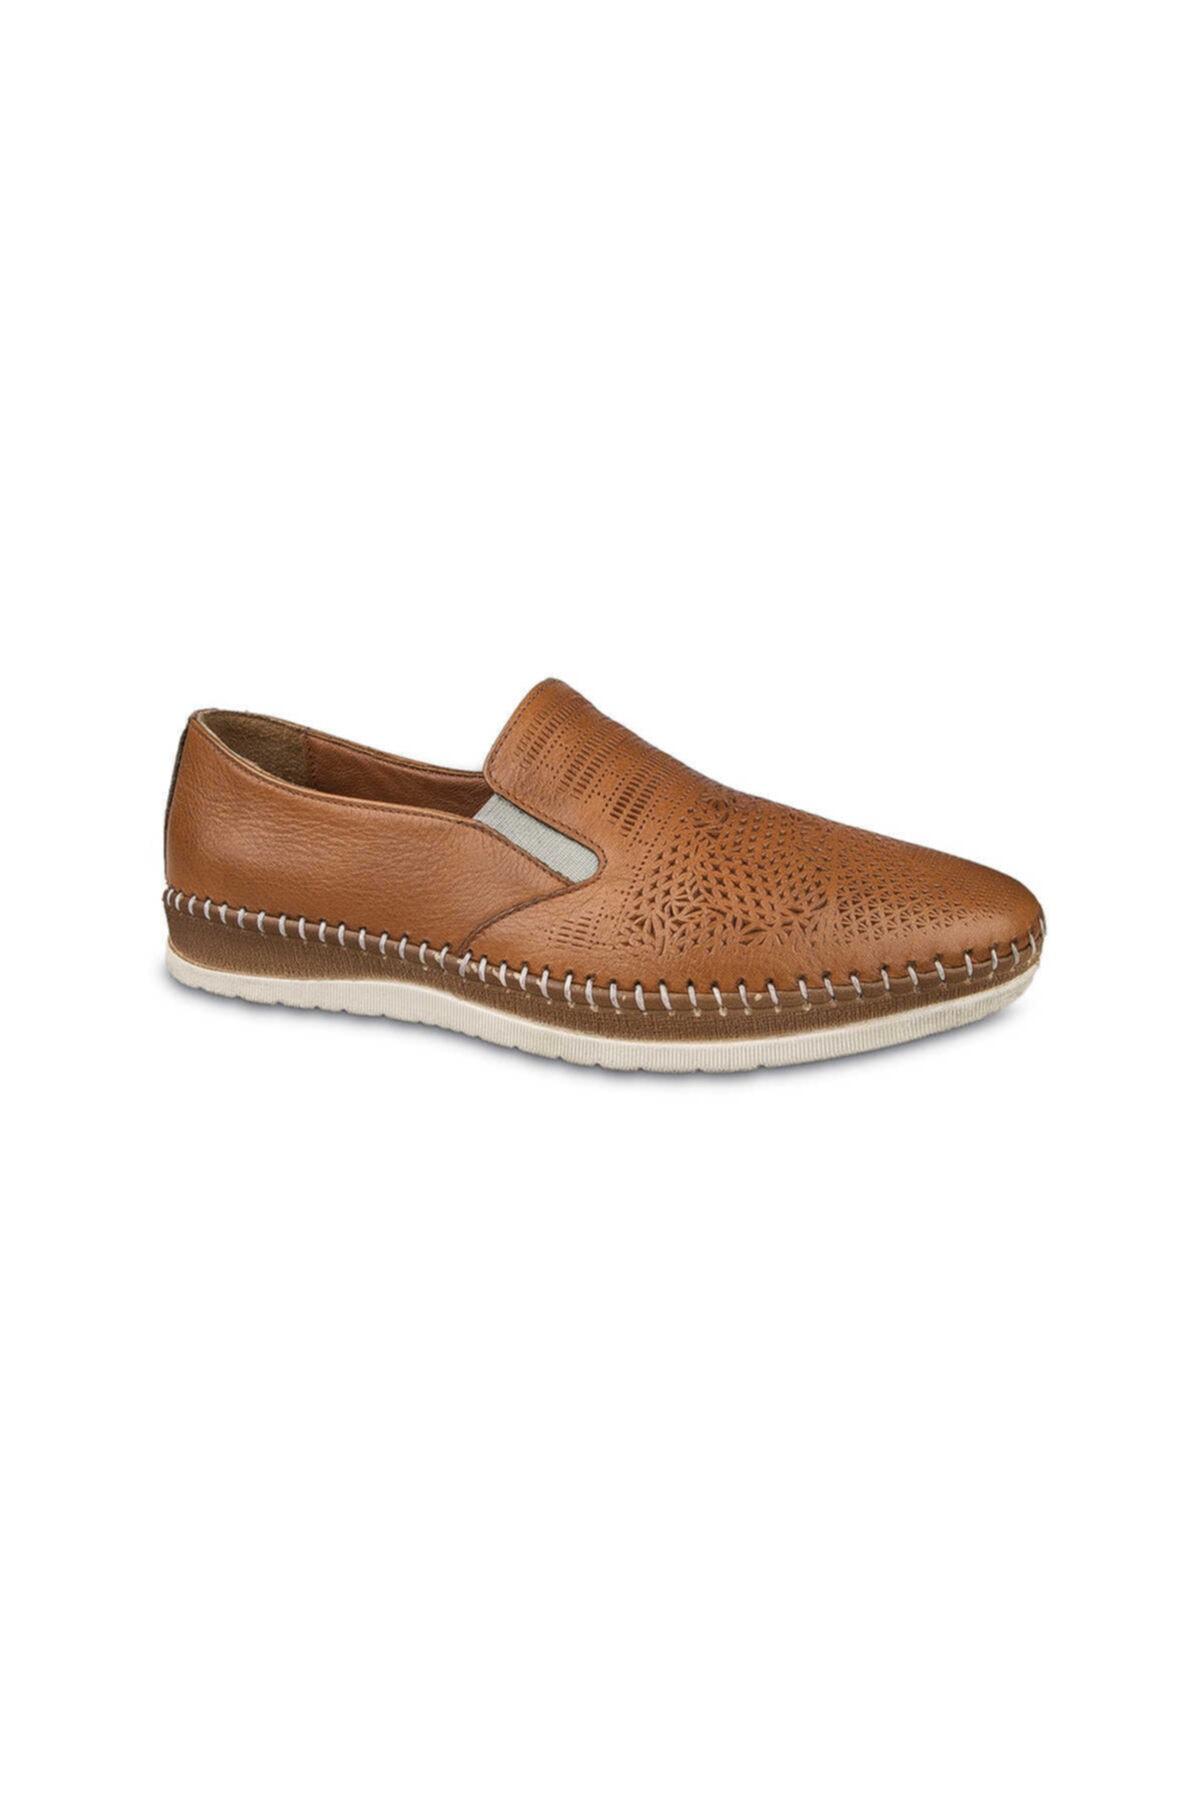 Ceyo Kadın Kahverengi Ayakkabı